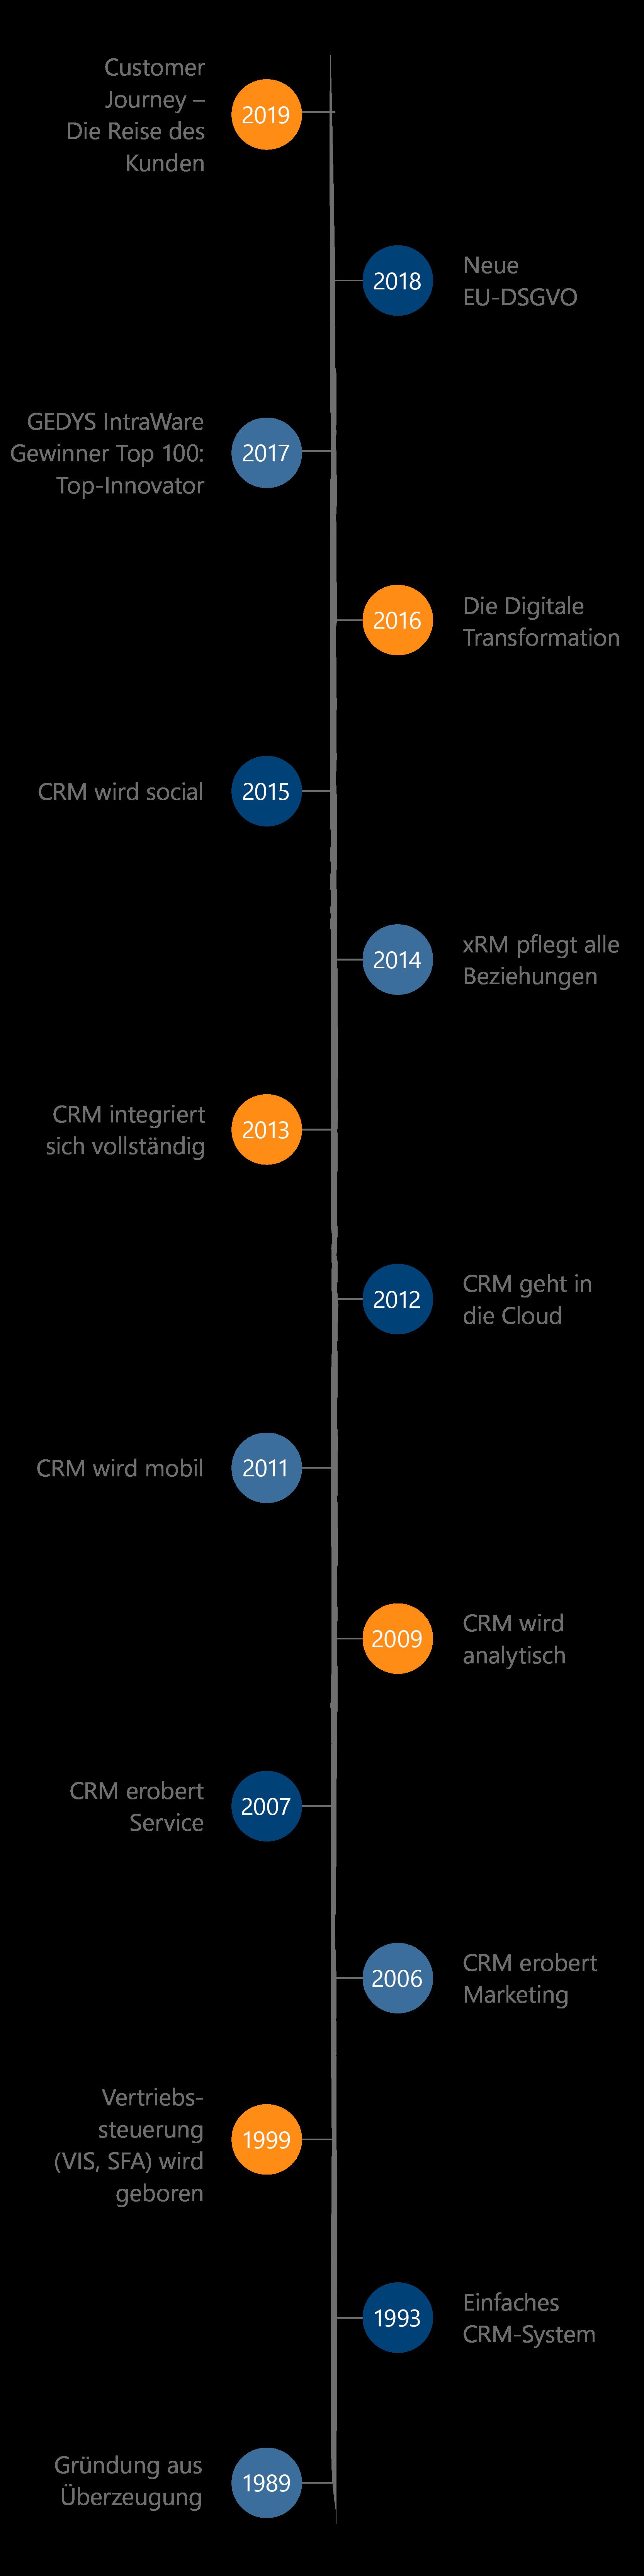 Zeitstrahl - CRM Zeitreise - 30 Jahre